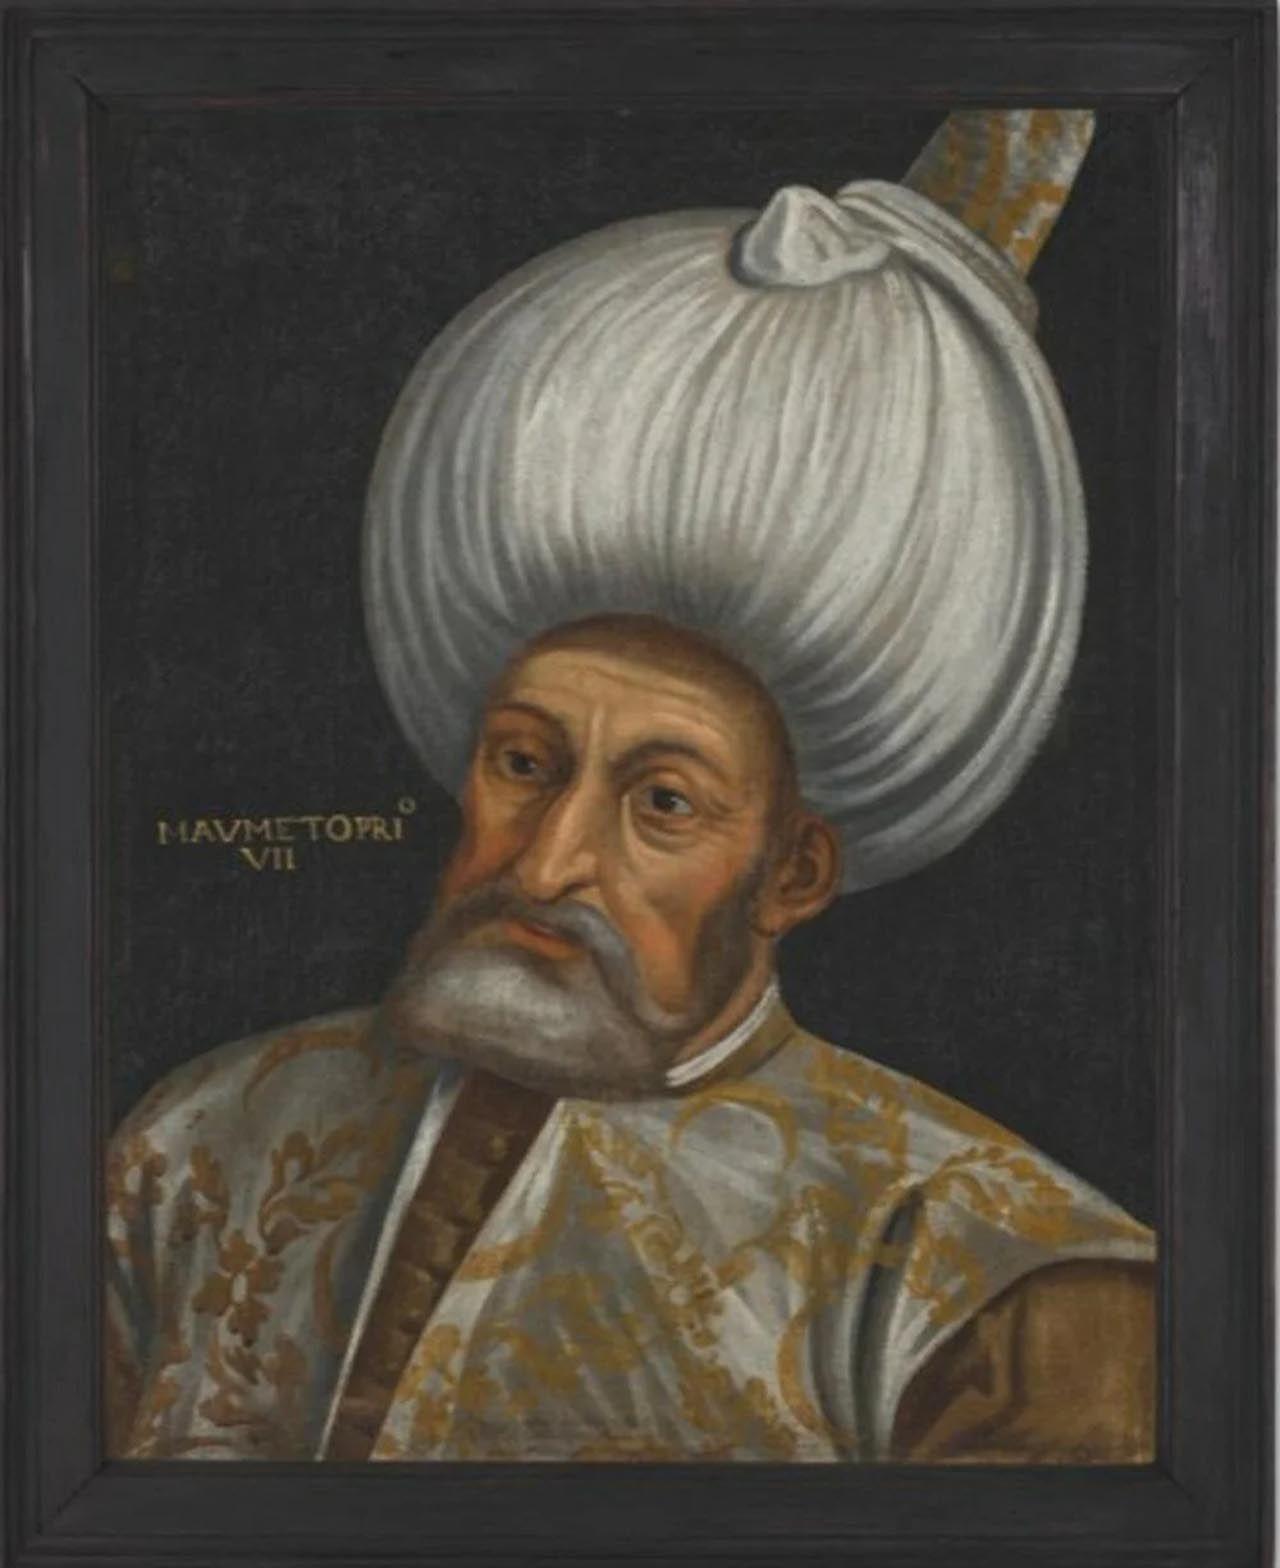 Osmanlı padişahlarının portreleri açık artırmayla satılacak - Resim: 2